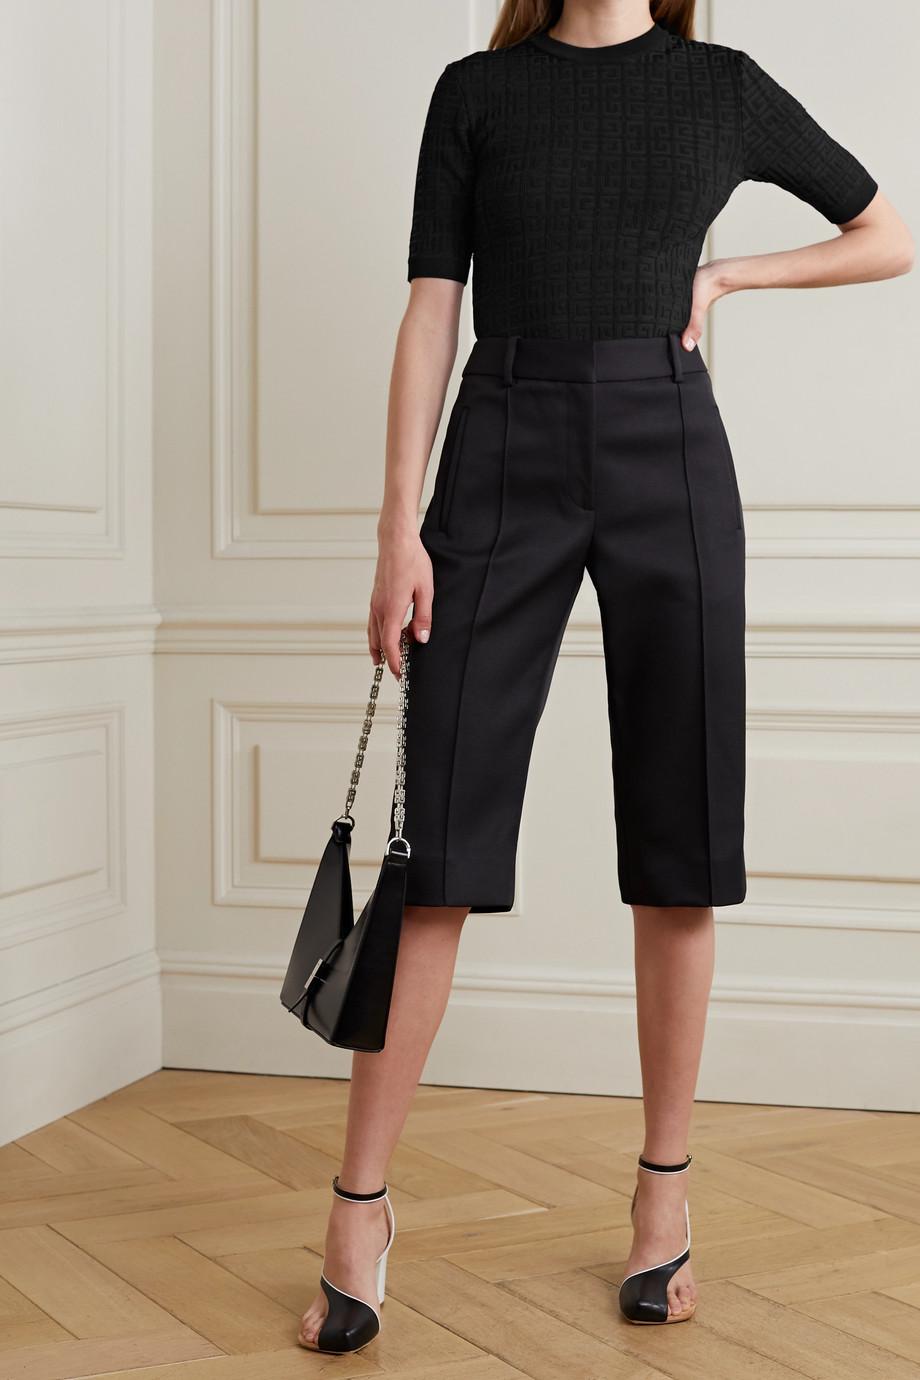 Givenchy Haut en mailles jacquard